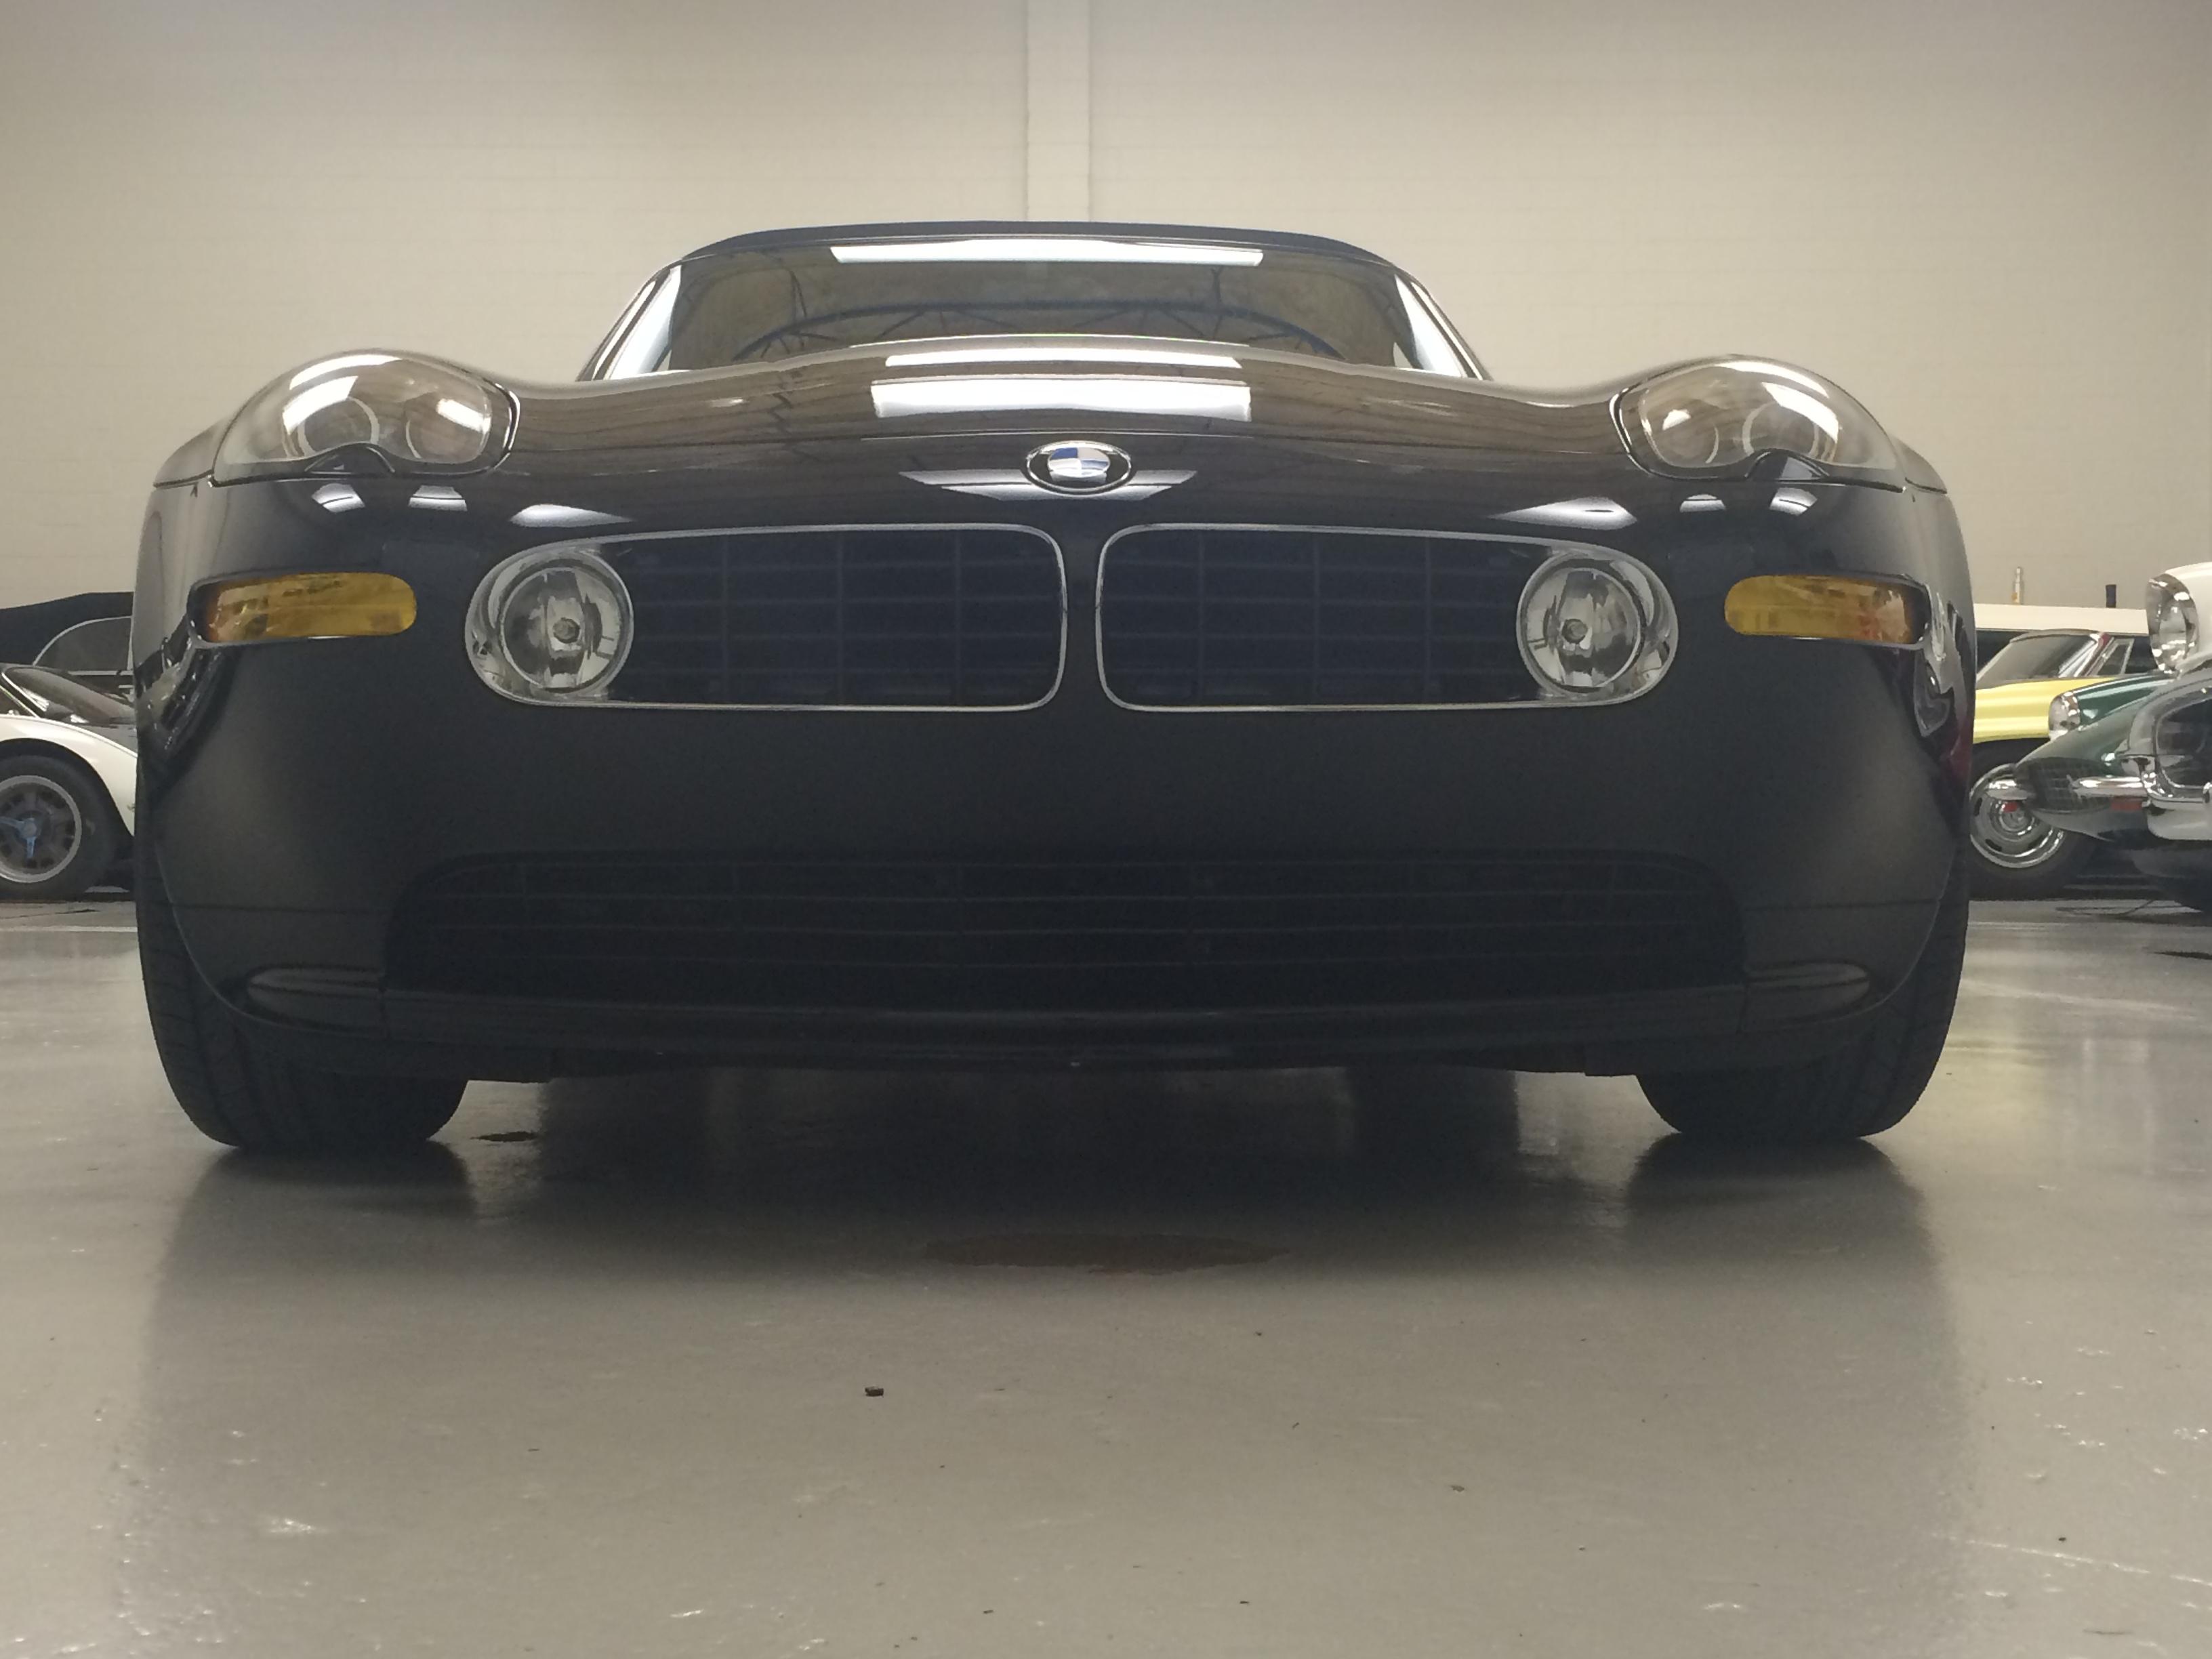 Bmw Z8 Affordable Bmw Z With Bmw Z8 Black Stig Tests The